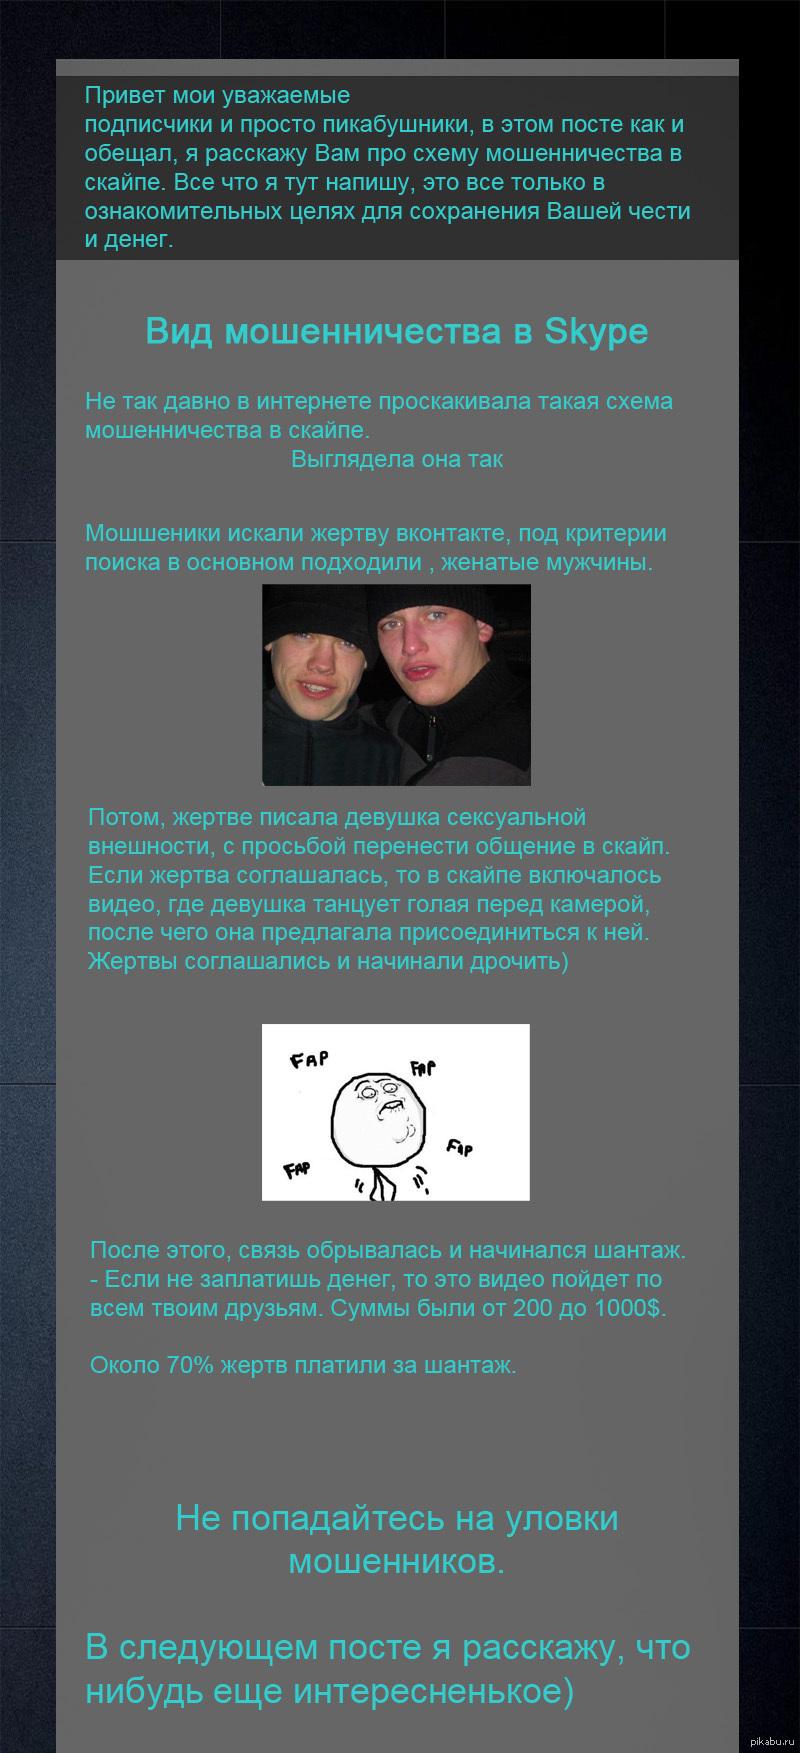 Опшение по скайпу с незнакомыми людьми порно